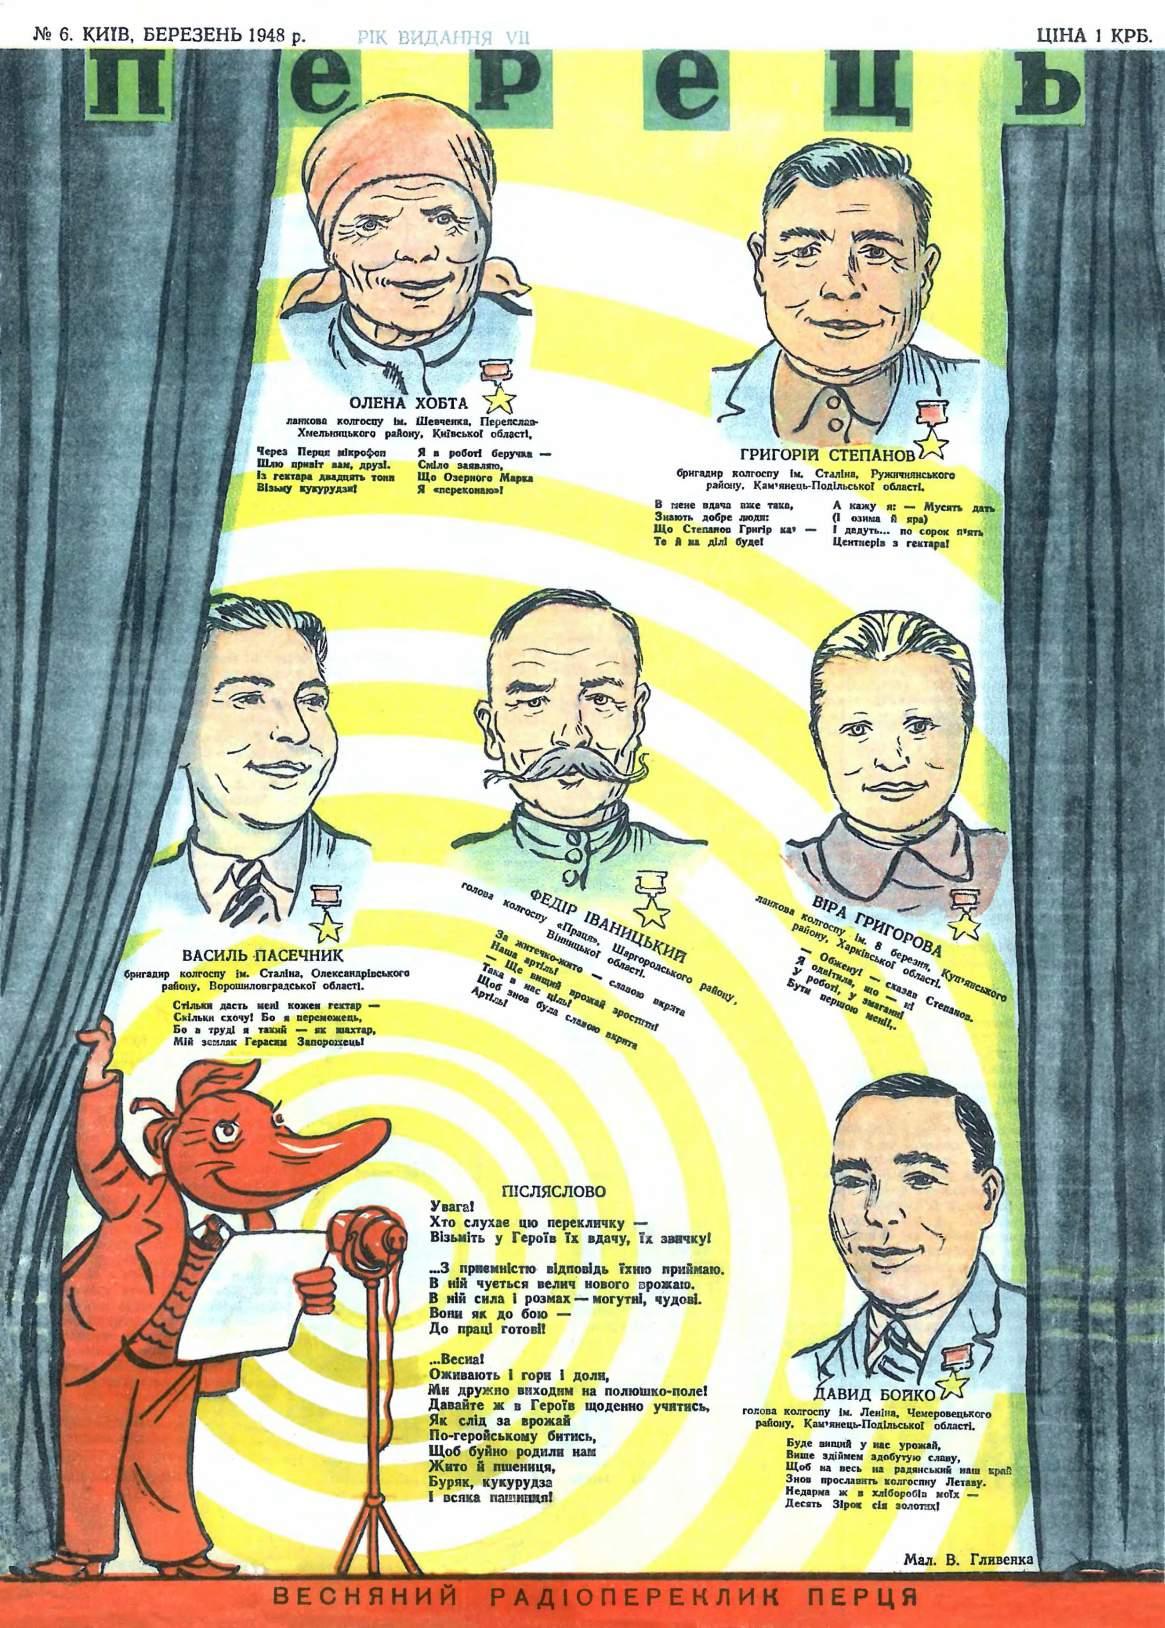 Журнал перець 1948 №06